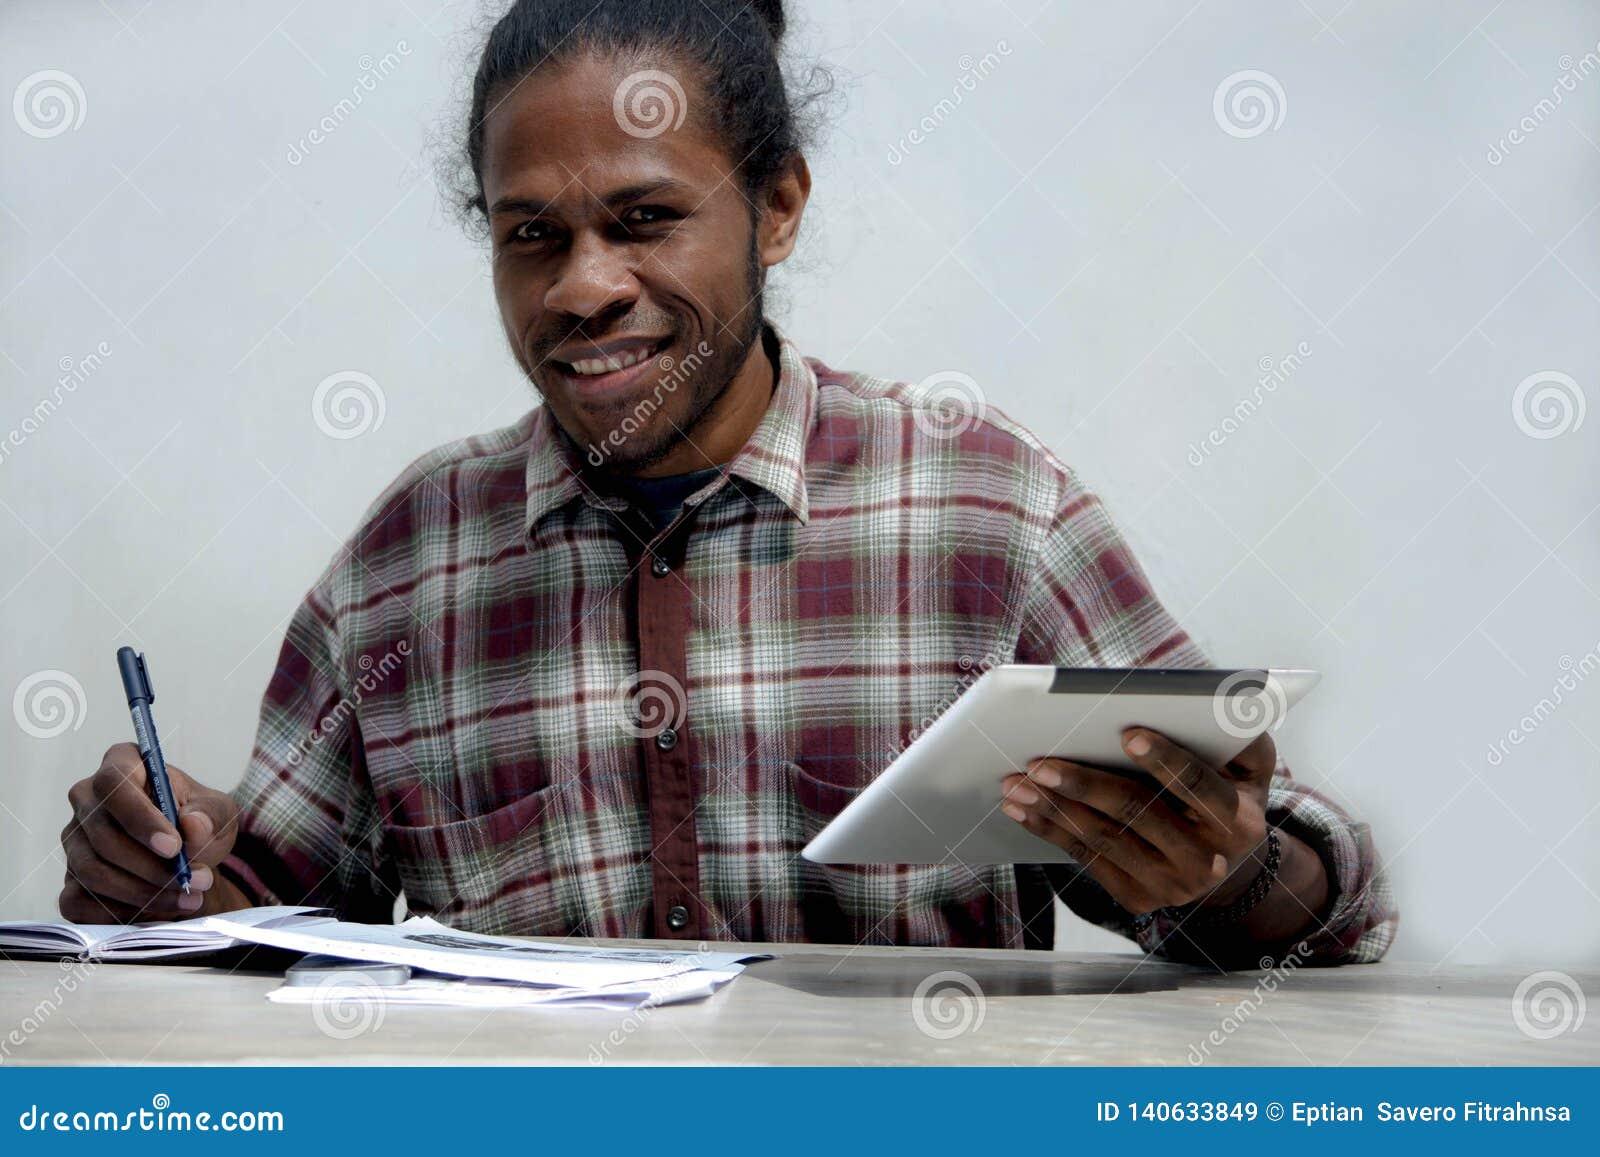 Giovane uomo di colore sorridente che lavora e che studia giudicando computer portatile e penna che fanno compito